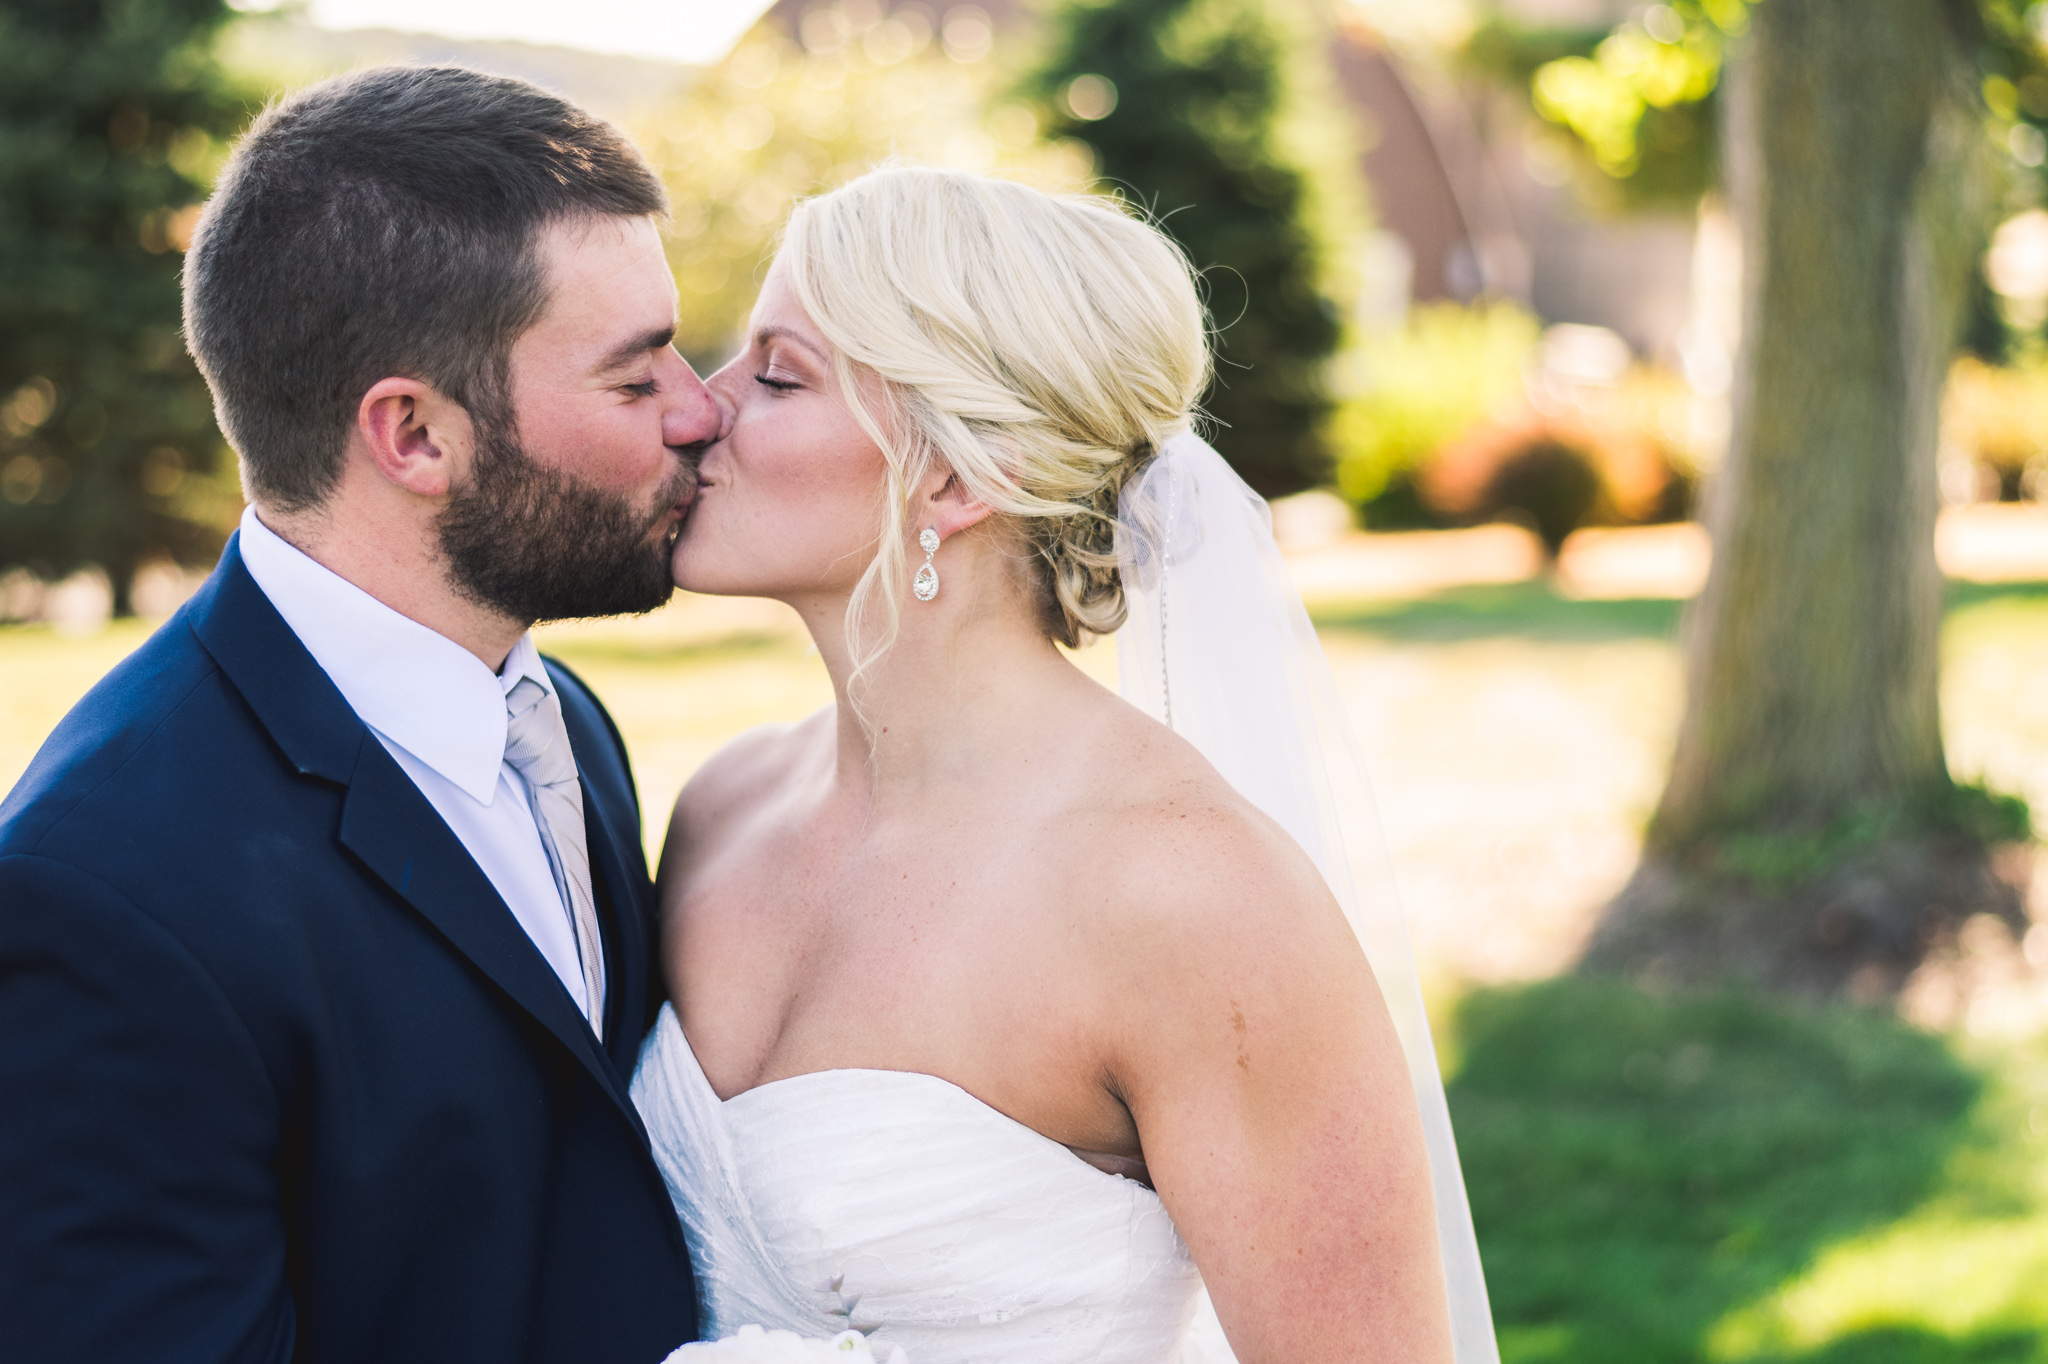 Ryan & Macy's Wedding | Fargo Wedding Photography | Chelsea Joy Photography